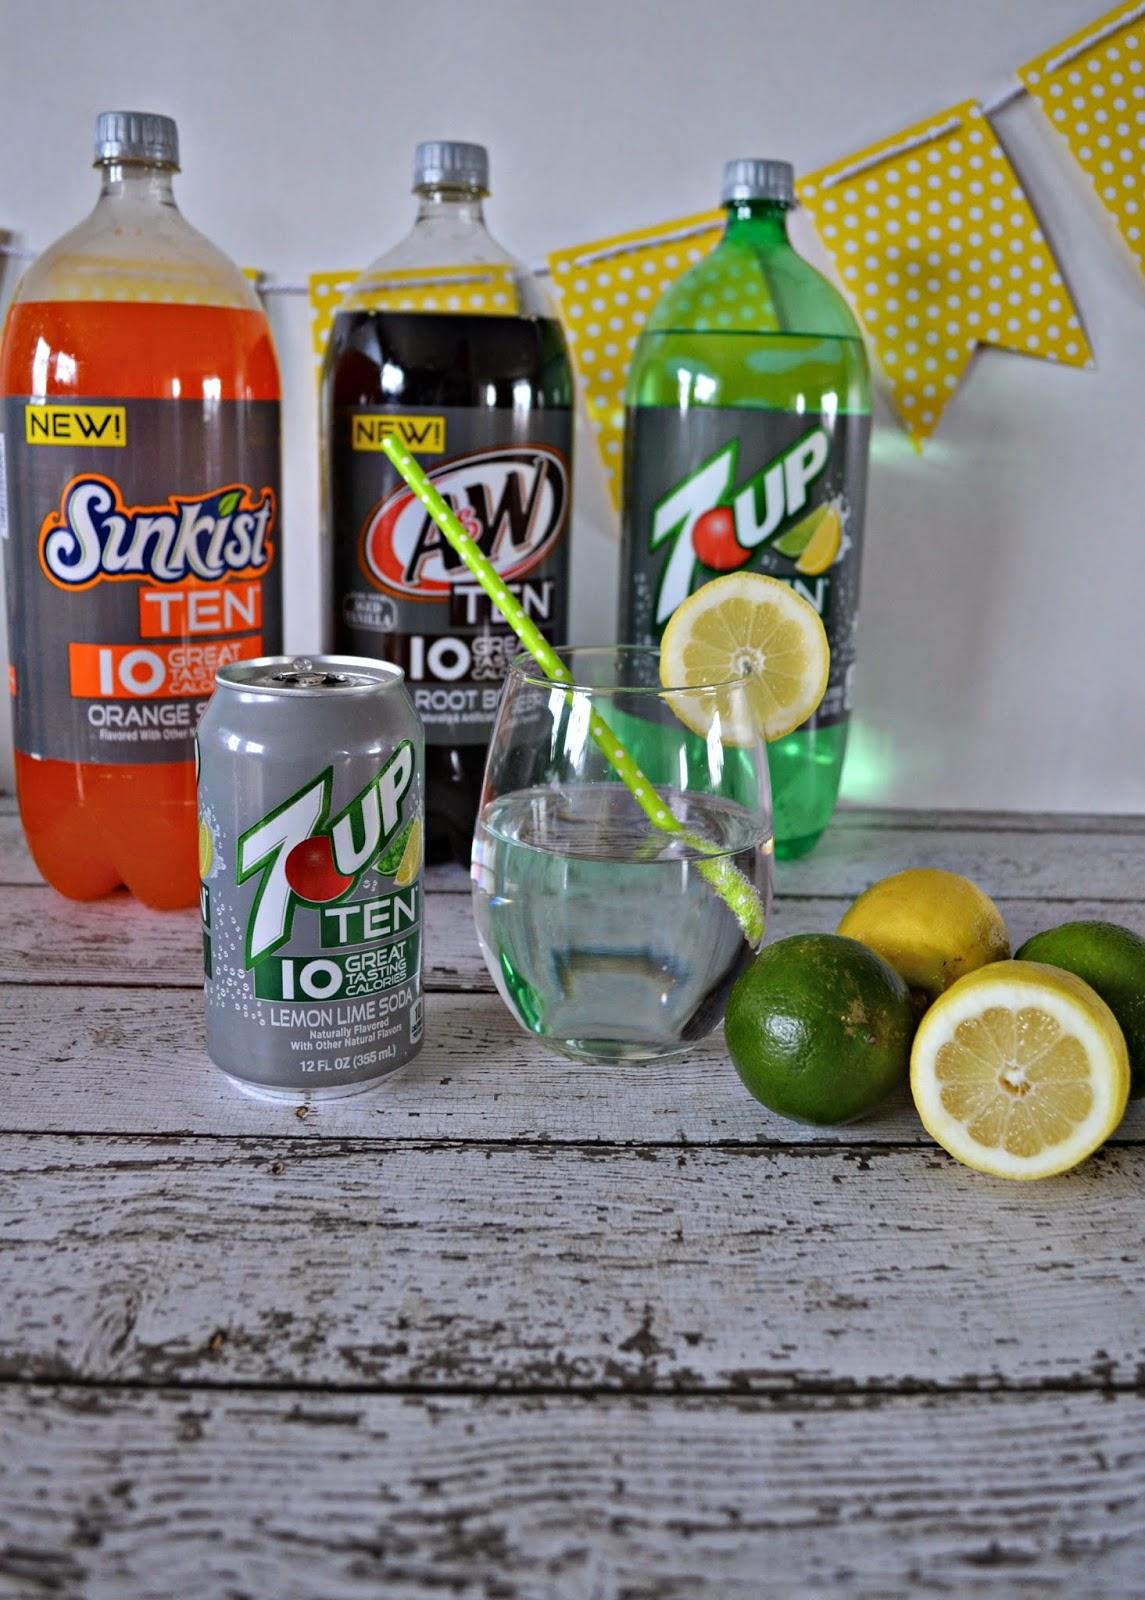 #TENways low calorie DPSG sodas